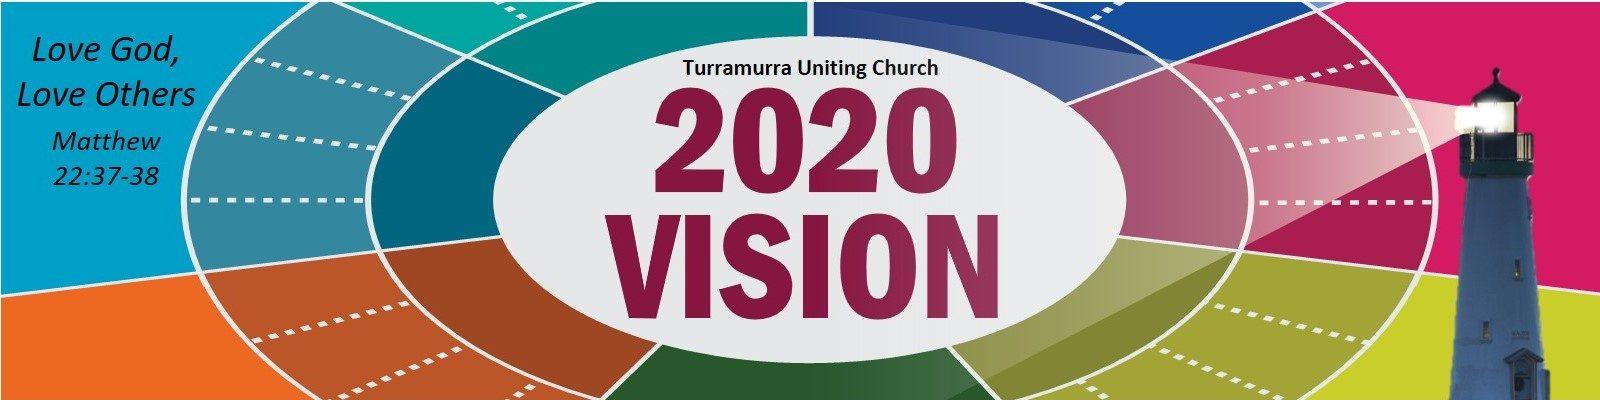 Vision 2020 Handout